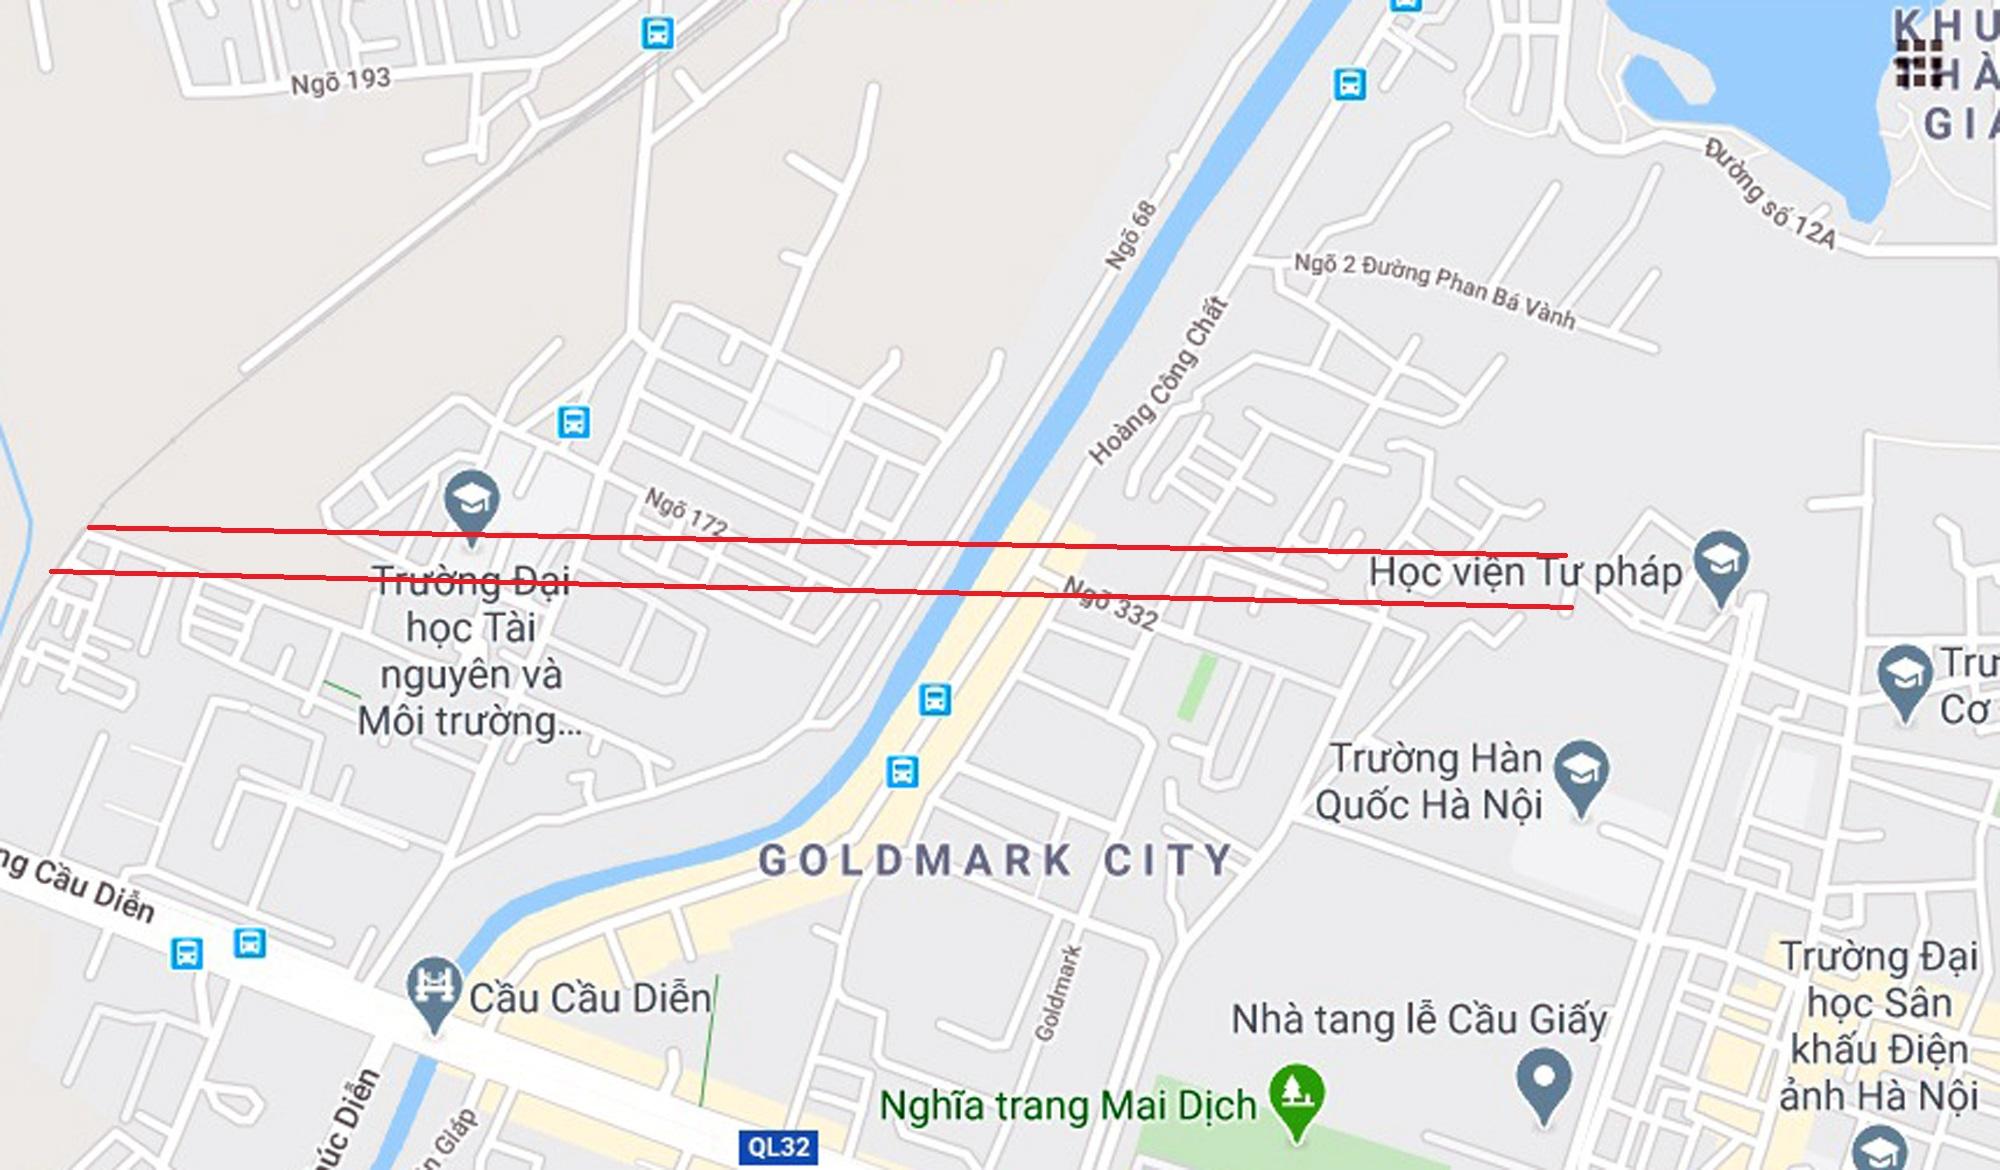 4 đường sẽ mở theo qui hoạch ở phường Phú Diễn, Bắc Từ Liêm - Ảnh 6.